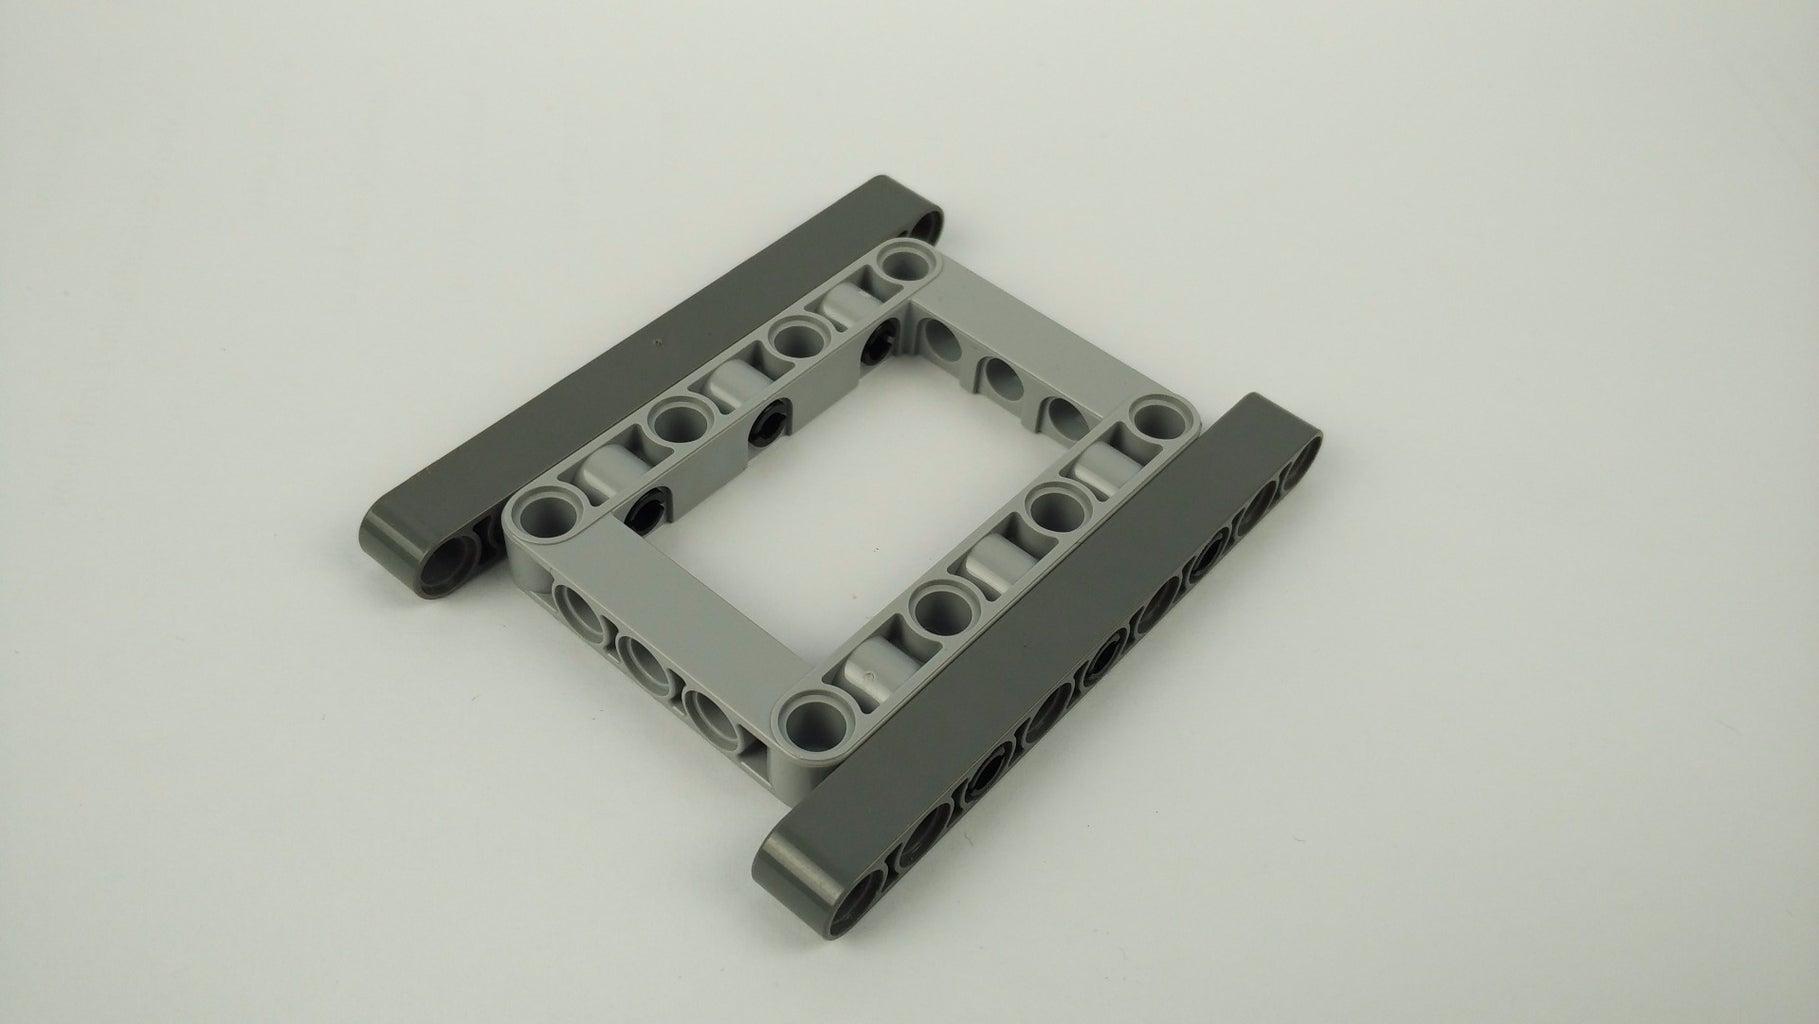 Assembling Leg Components